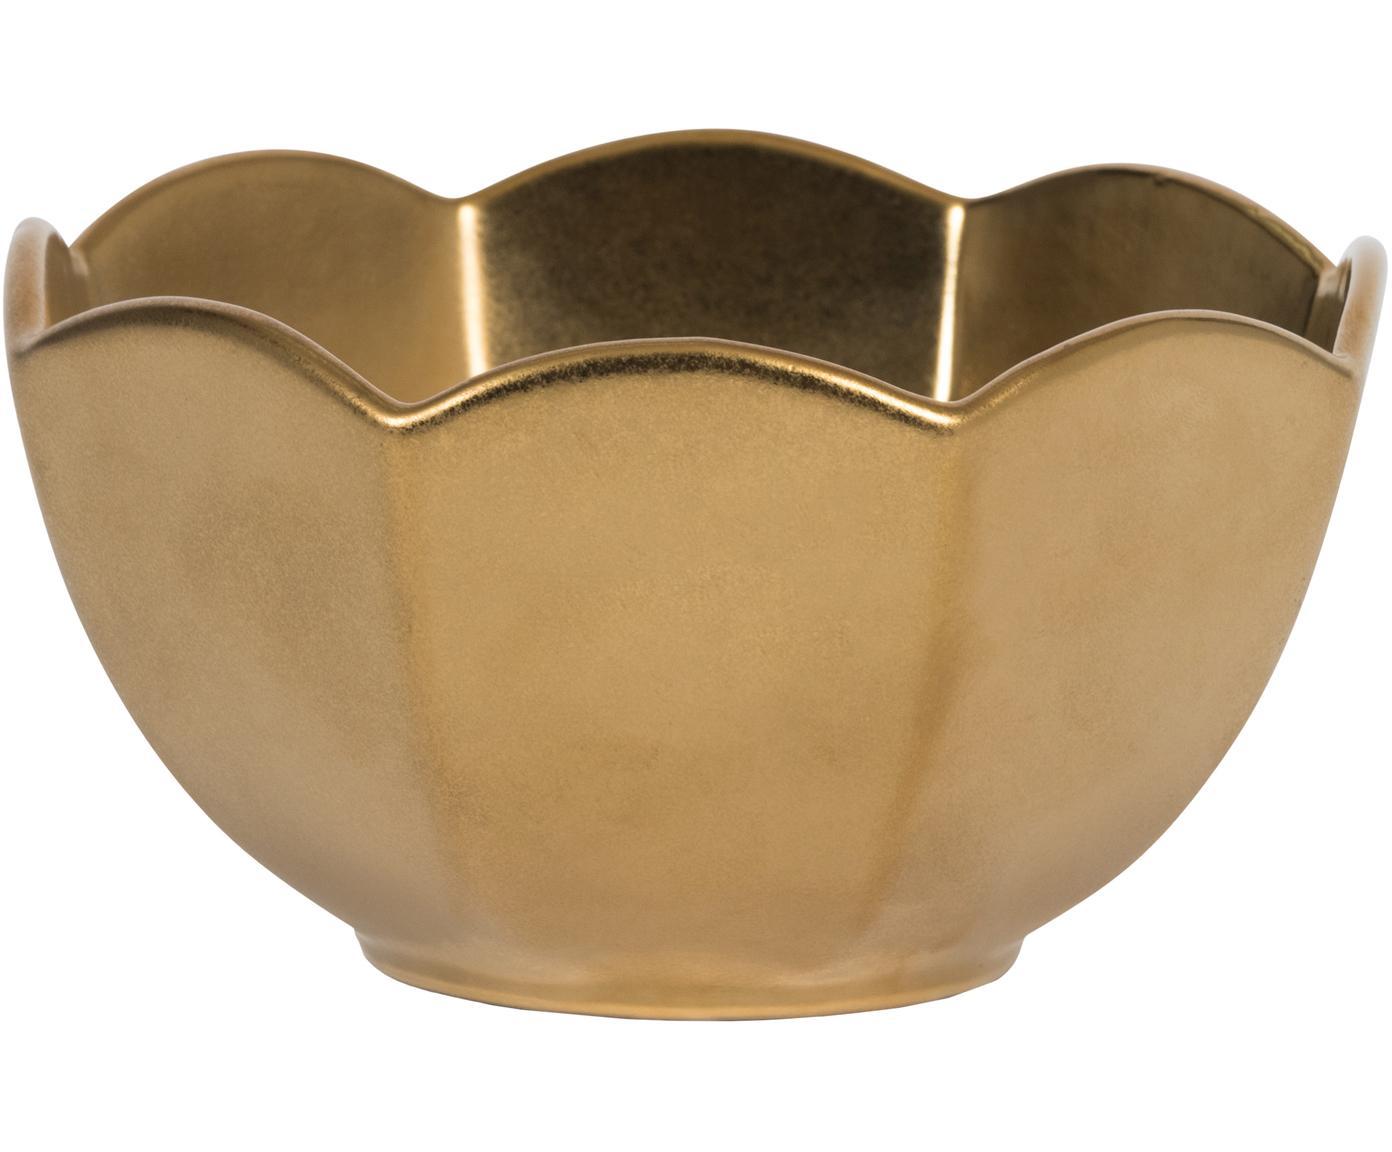 Cuenco artesanal Ghabi, Gres, Dorado, Ø 13 x Al 8 cm